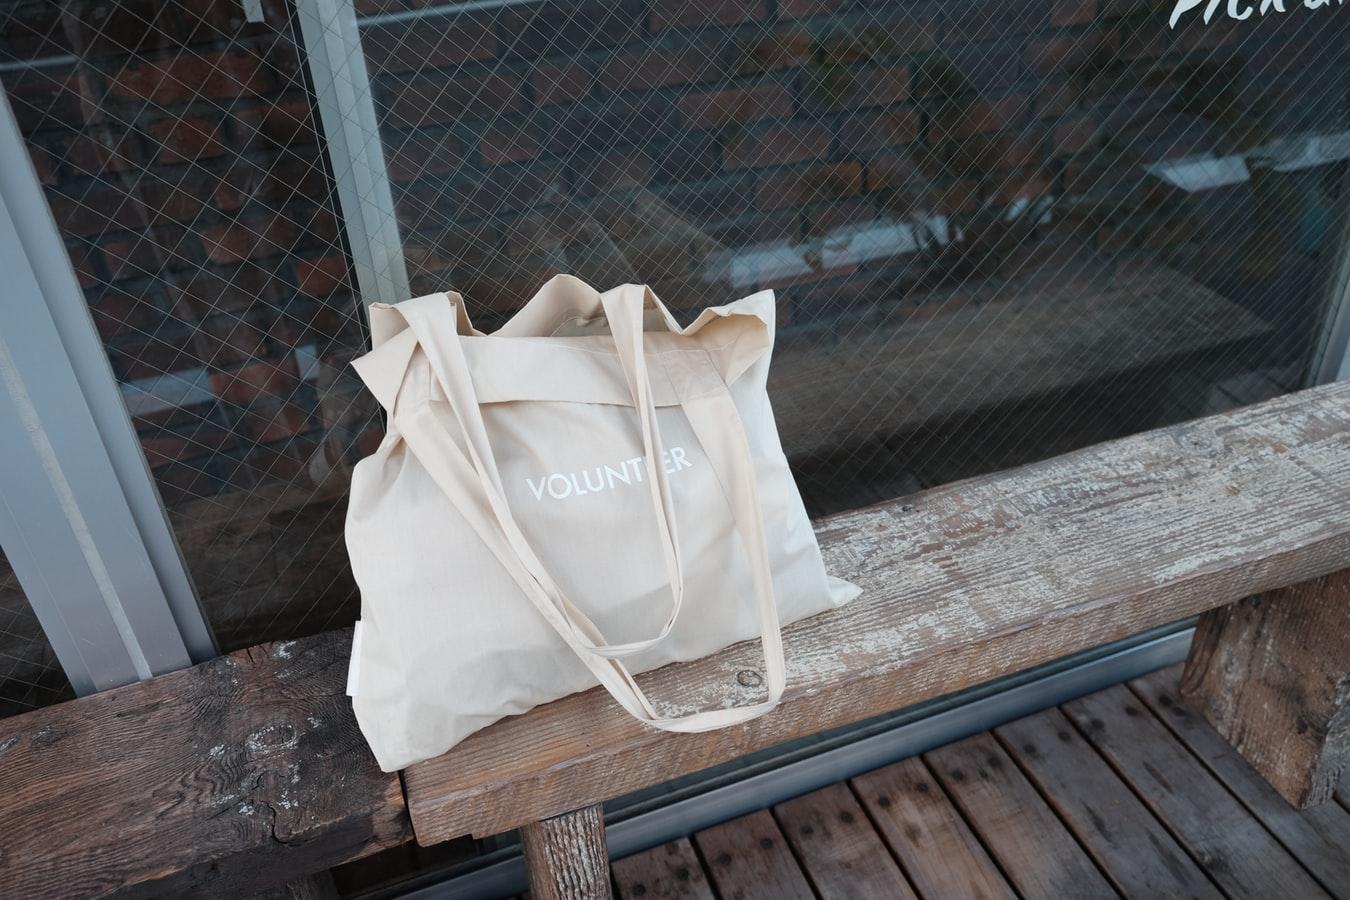 【メンズにおすすめ】布(キャンバス生地)トートバッグのおすすめブランド5選